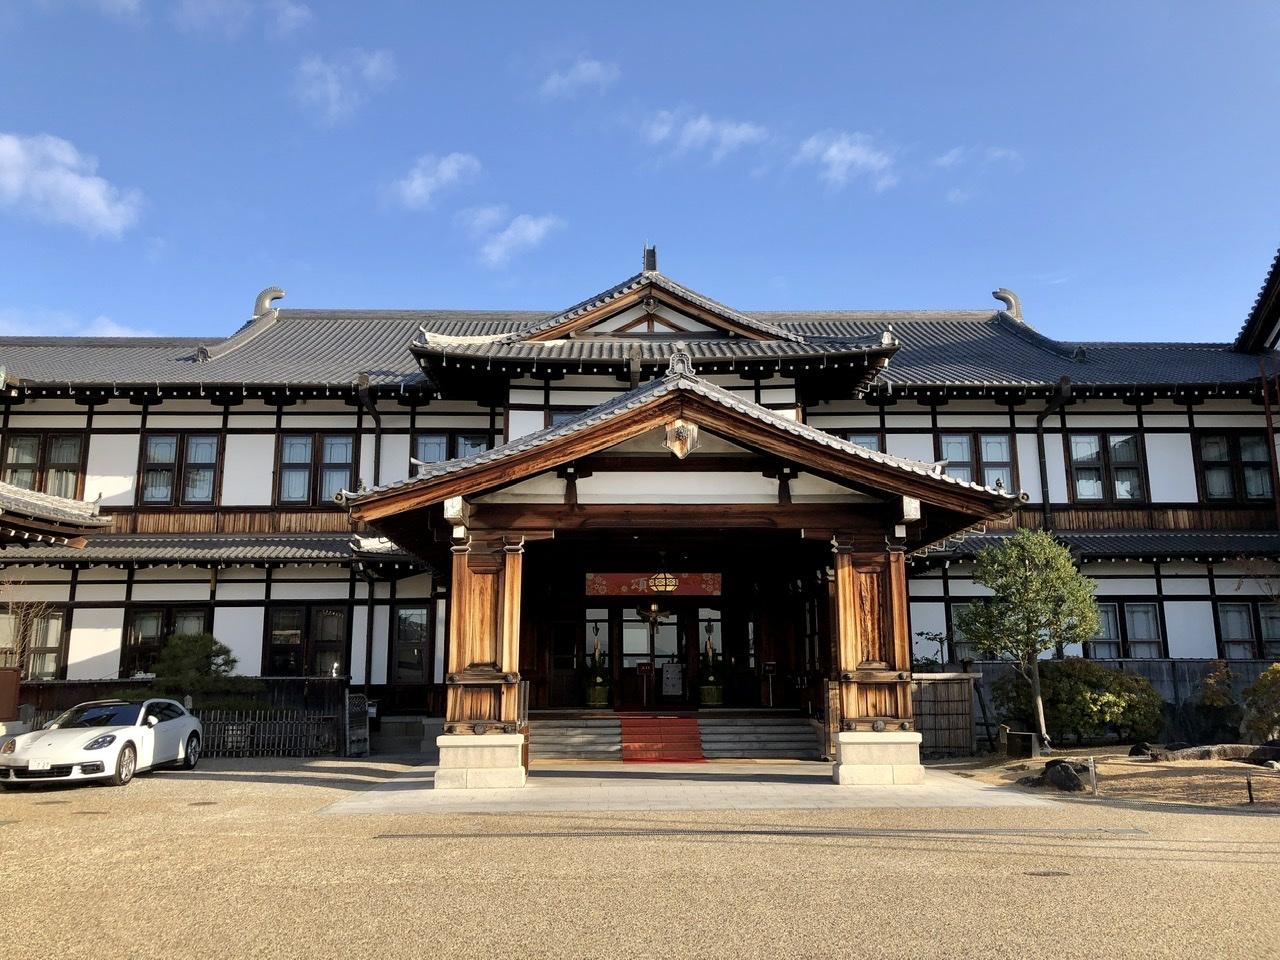 奈良の旅 最終回 奈良ホテル_a0092659_13090095.jpeg